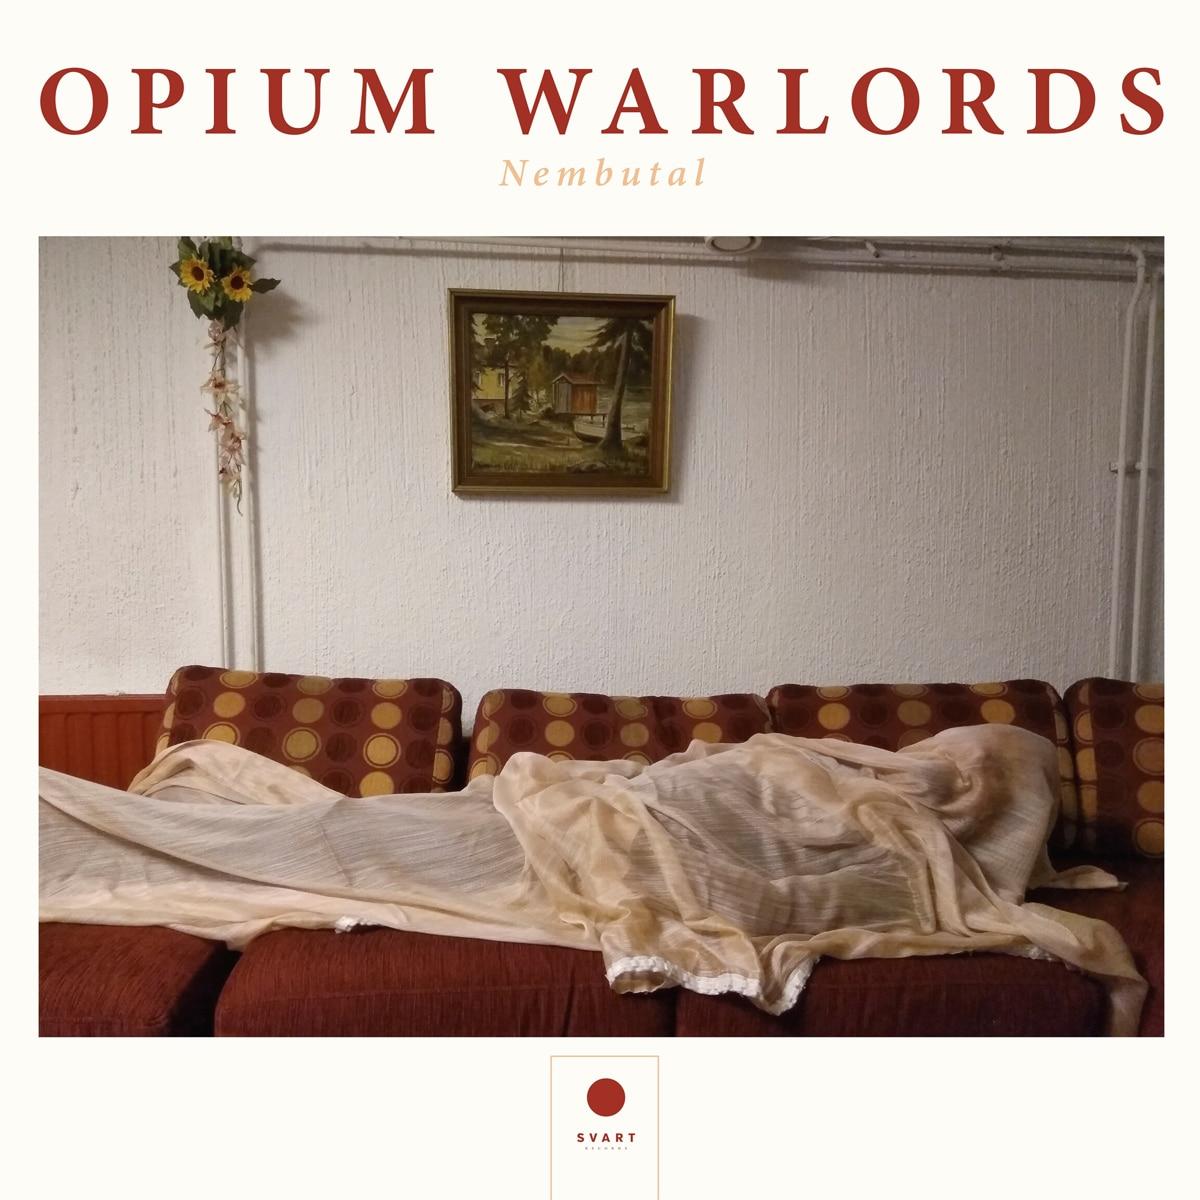 """opium-warlords:-albert-witchfinder-veroffentlicht-neues-album-""""nembutal"""""""